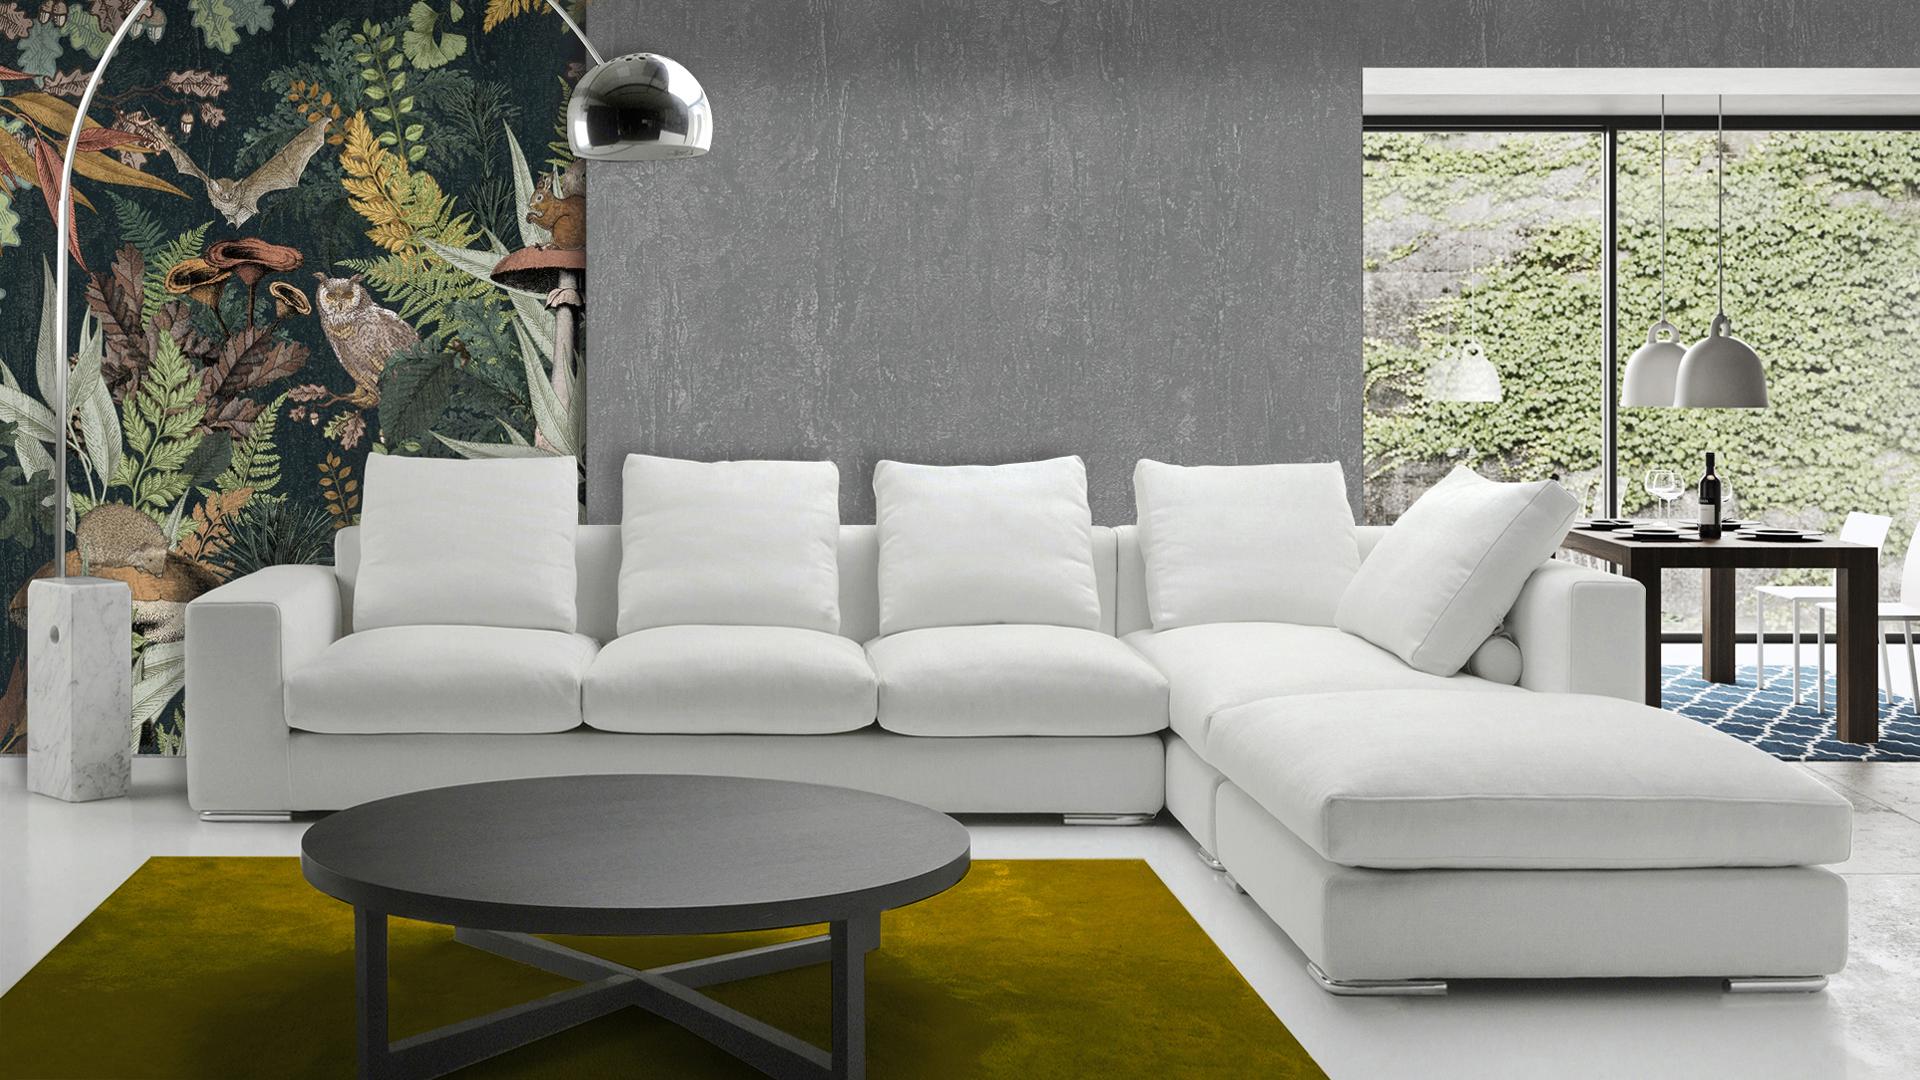 divano-angolare-artigianale-notorius-murtarelli-01